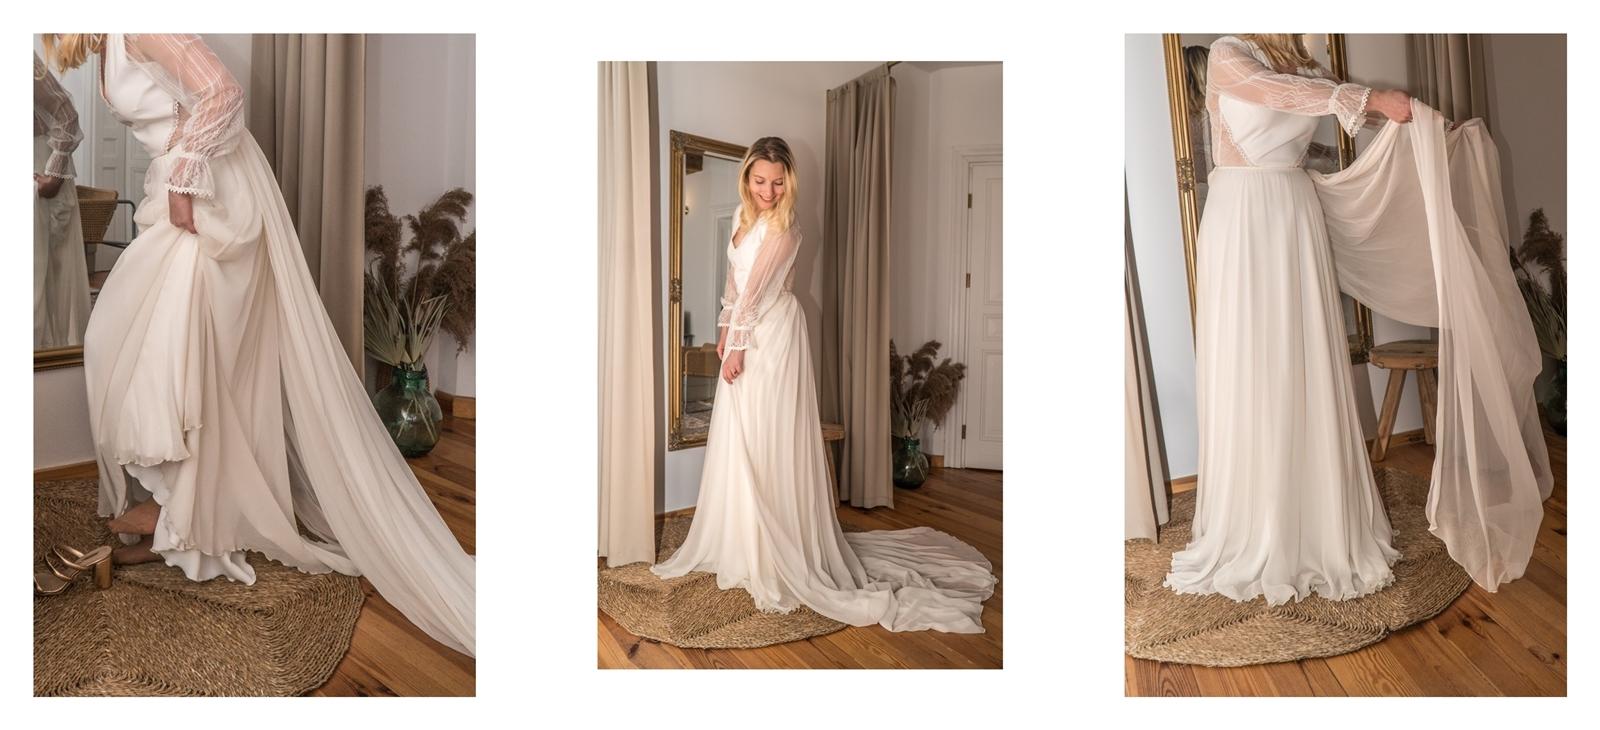 17 suknia ślubna asymetryczna atłasowa bez ramiączek boho koronka suknia ślubna boho bez pleców bez koronki rustykalna beżowa plus size body i spódnica koszula balowa spódnica ślubna